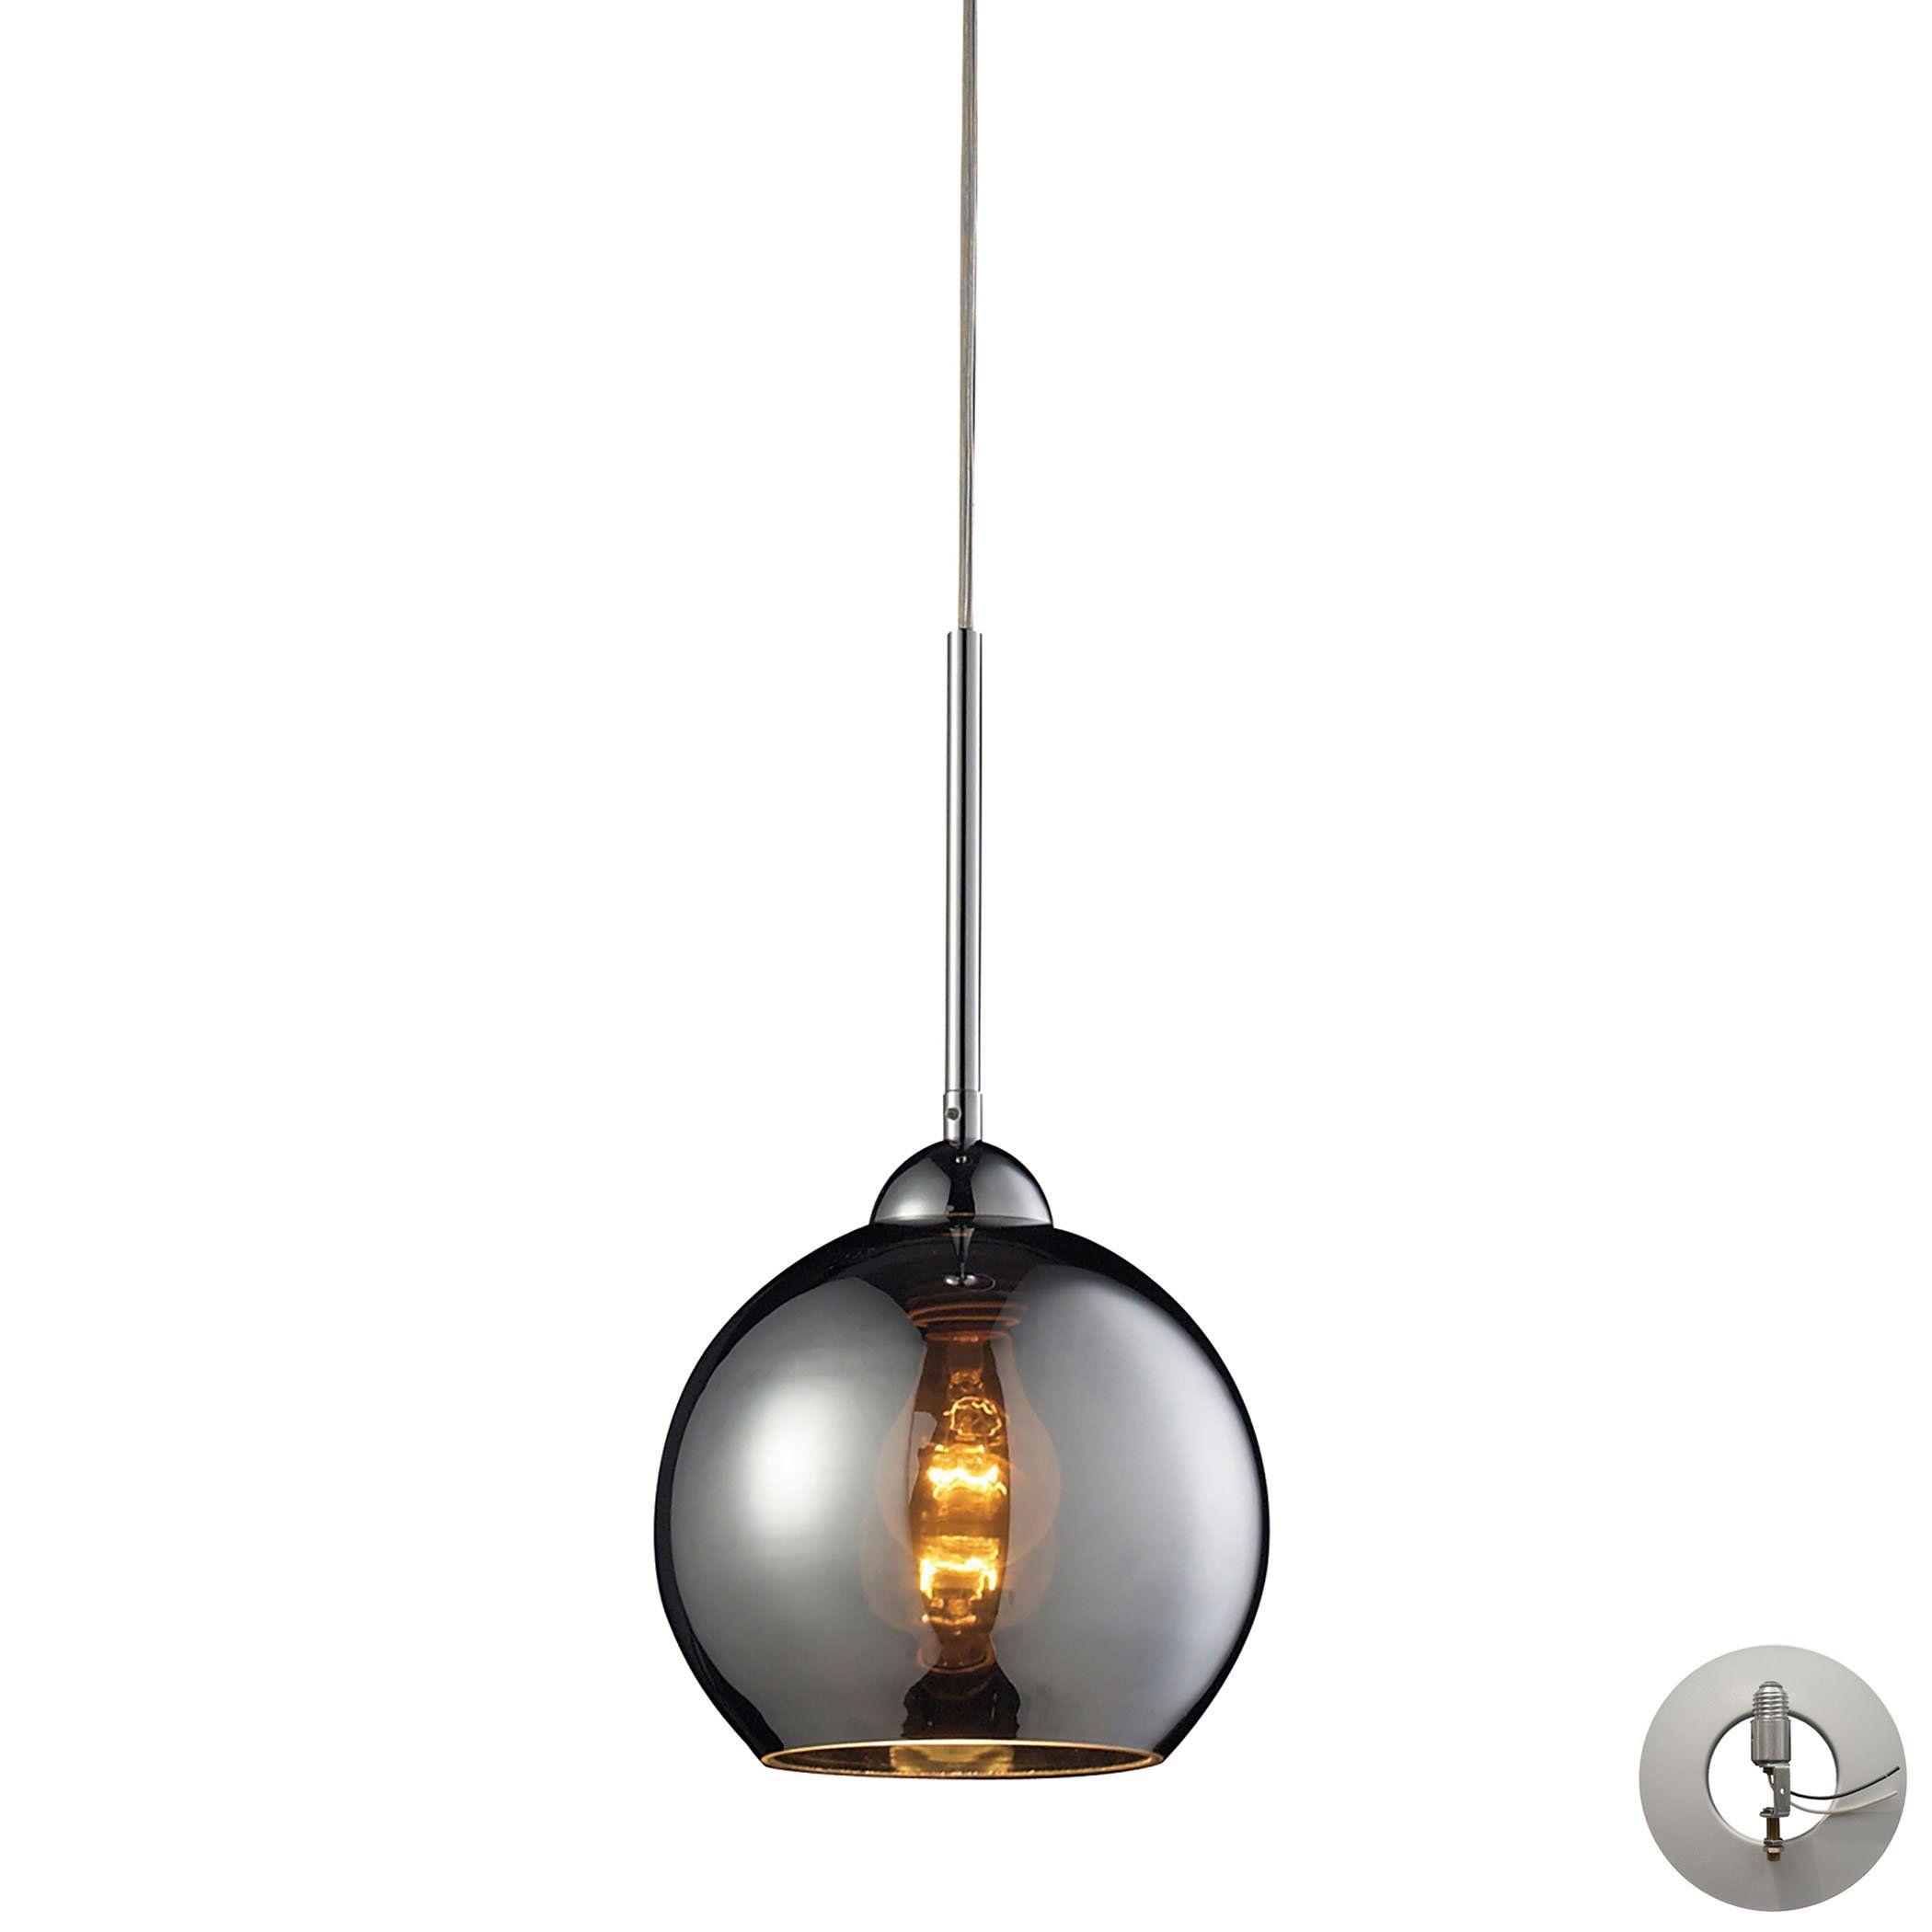 Elk lighting cassandra light pendant in polished chrome with